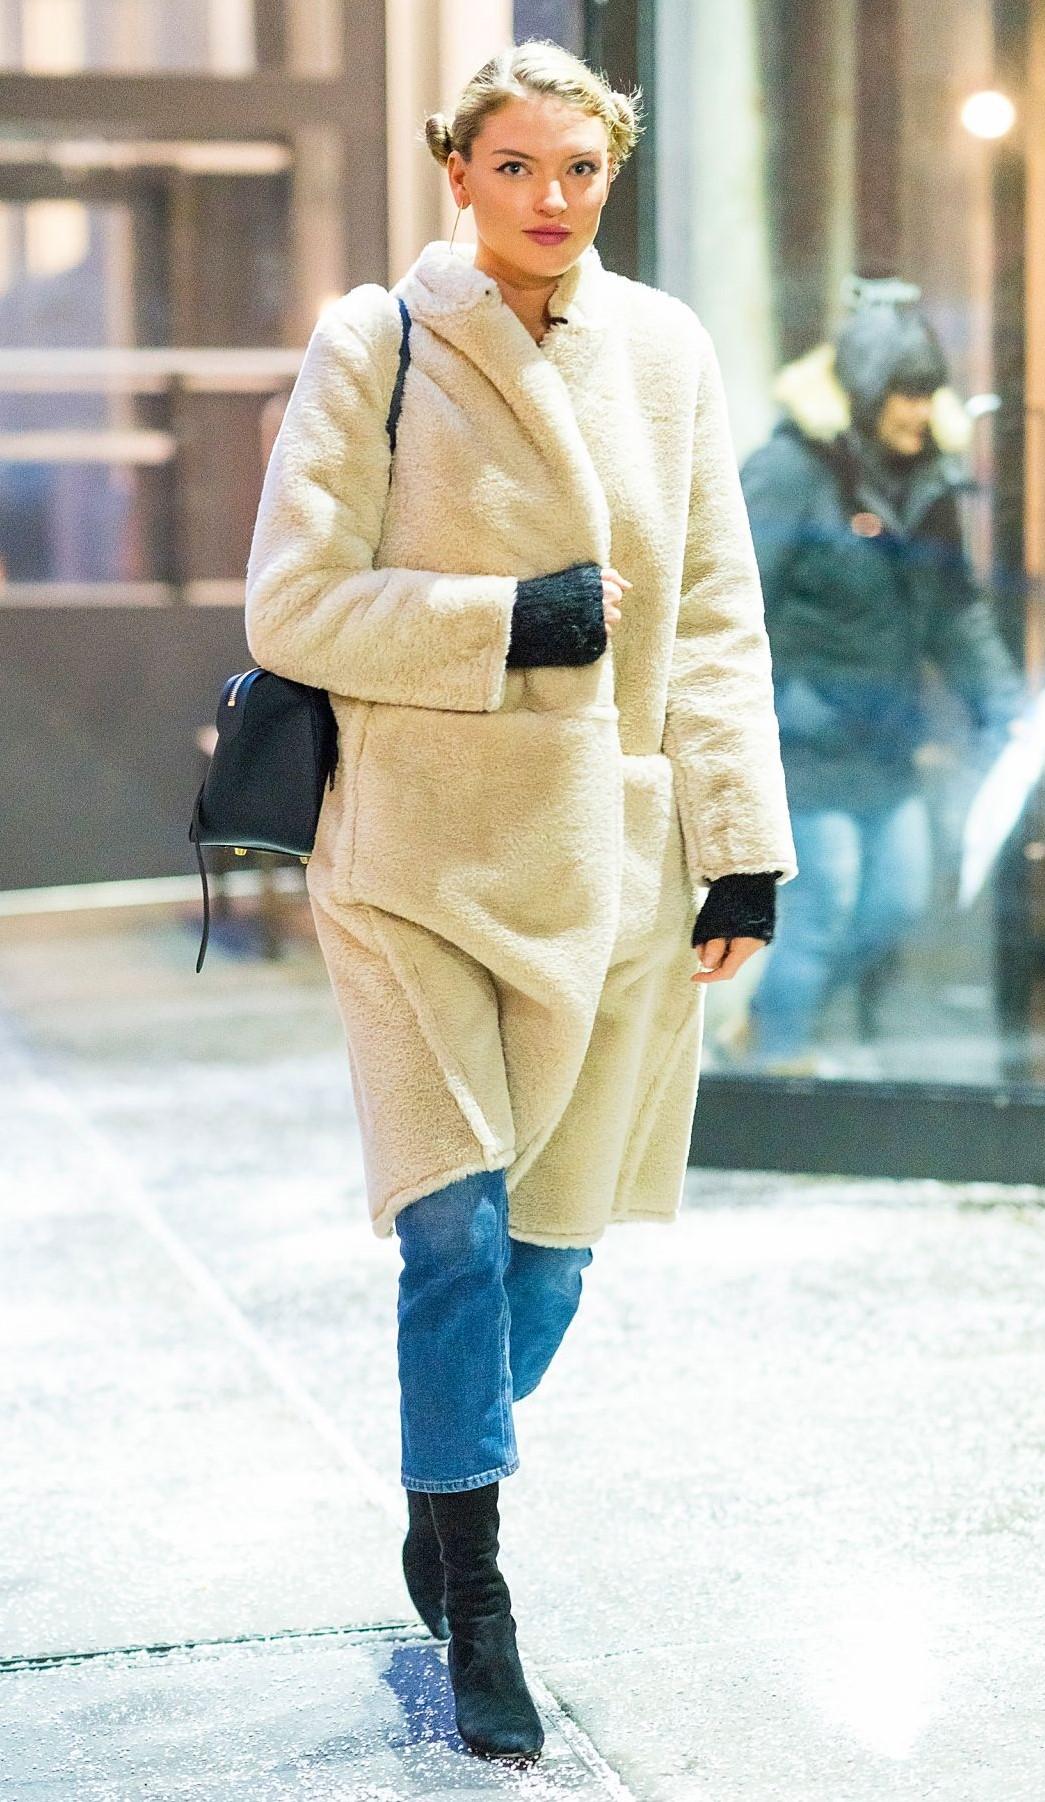 blue-med-crop-jeans-white-jacket-coat-blonde-buns-black-bag-black-shoe-booties-fall-winter-snow-weekend.jpg